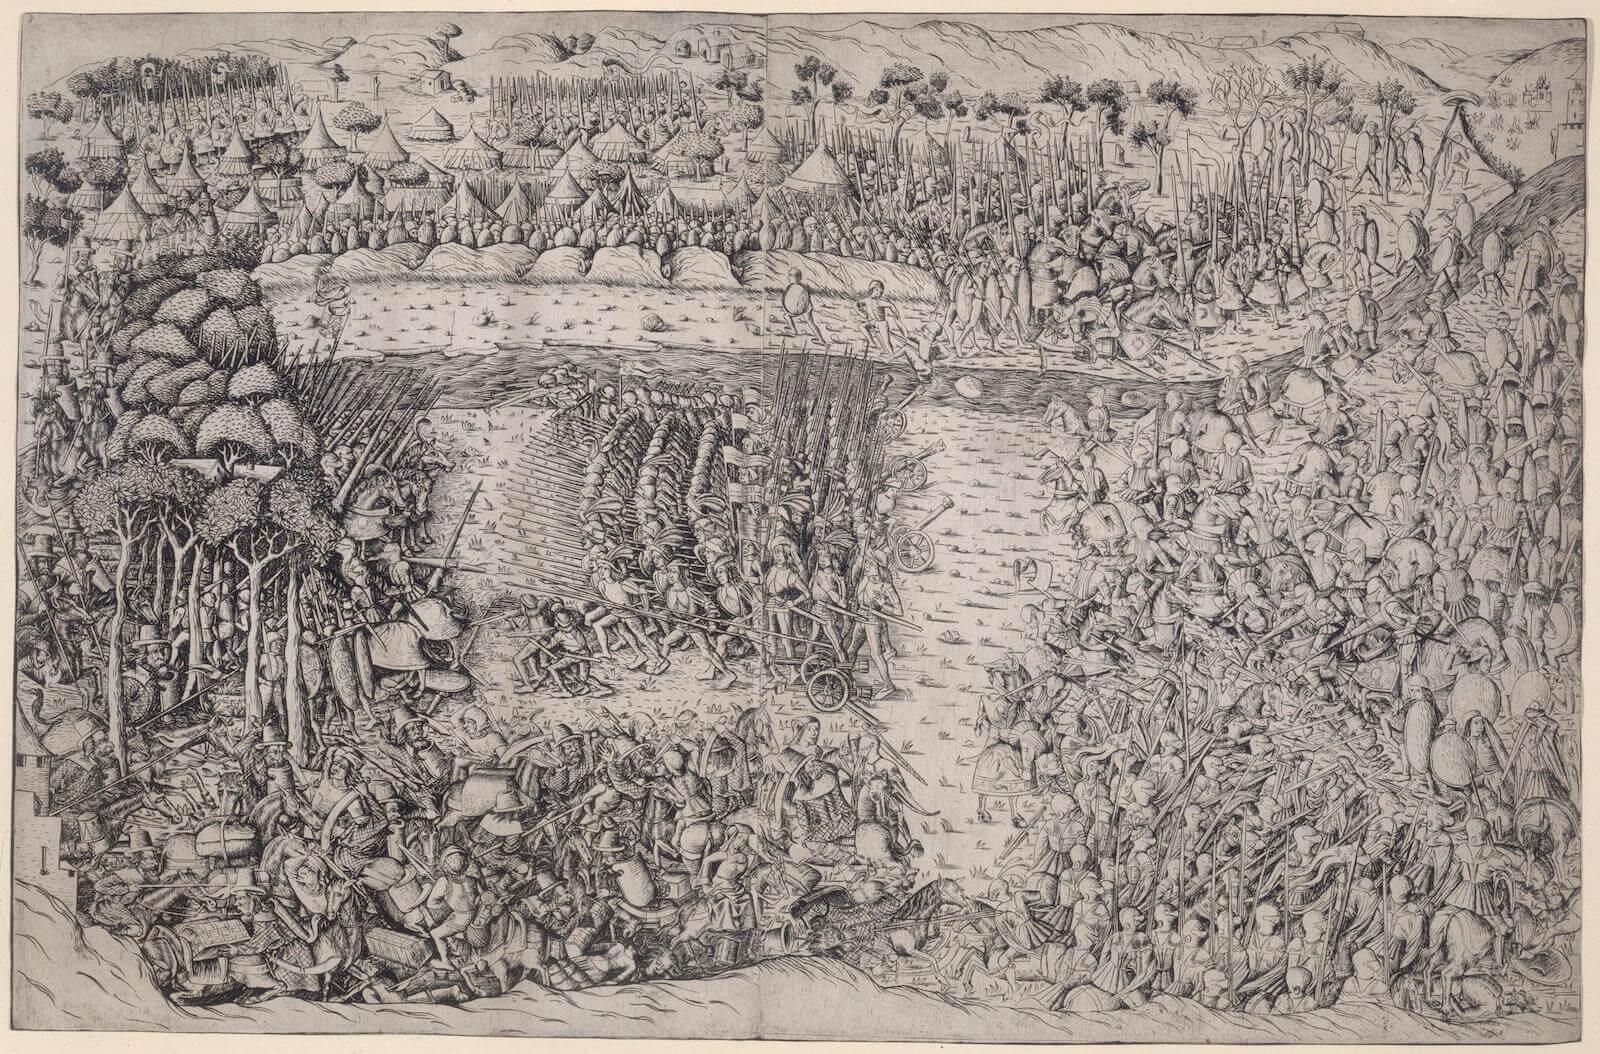 La batalla de Fornovo choque de picas